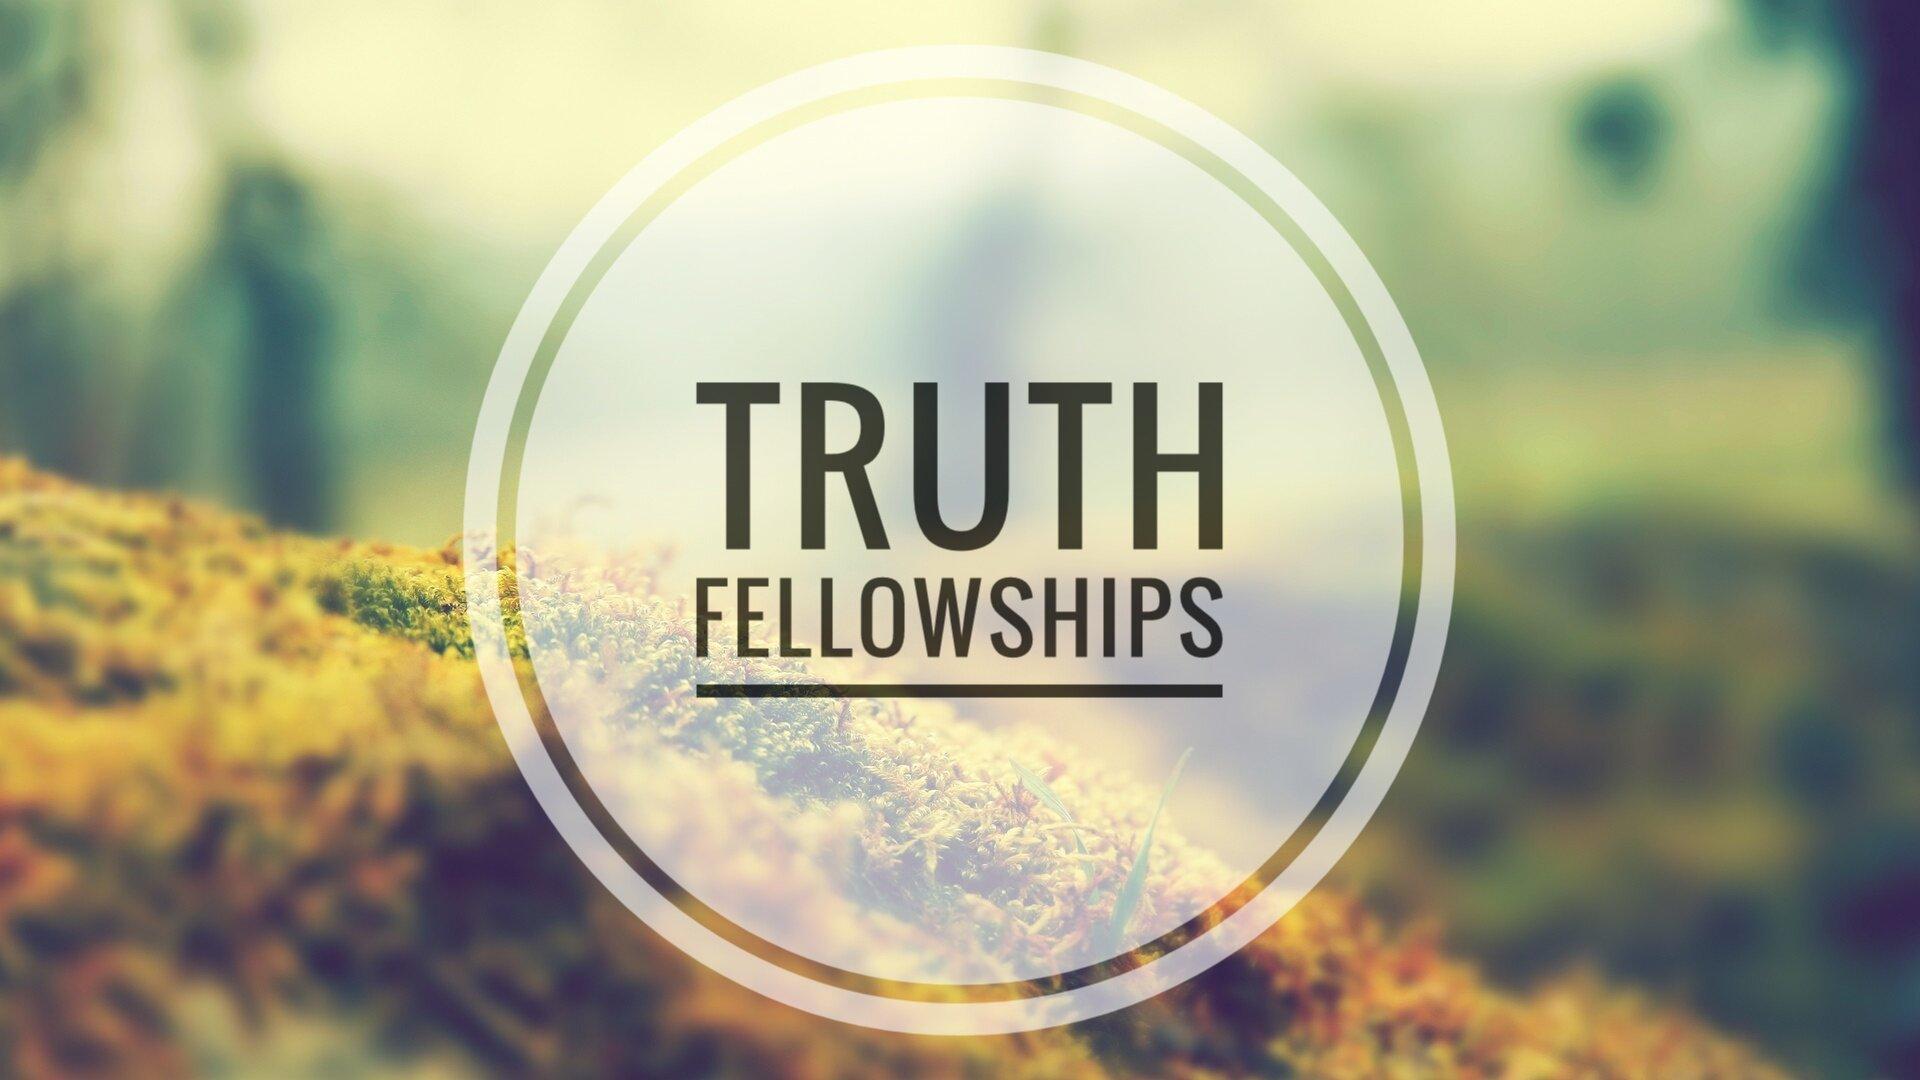 Truth Fellowship